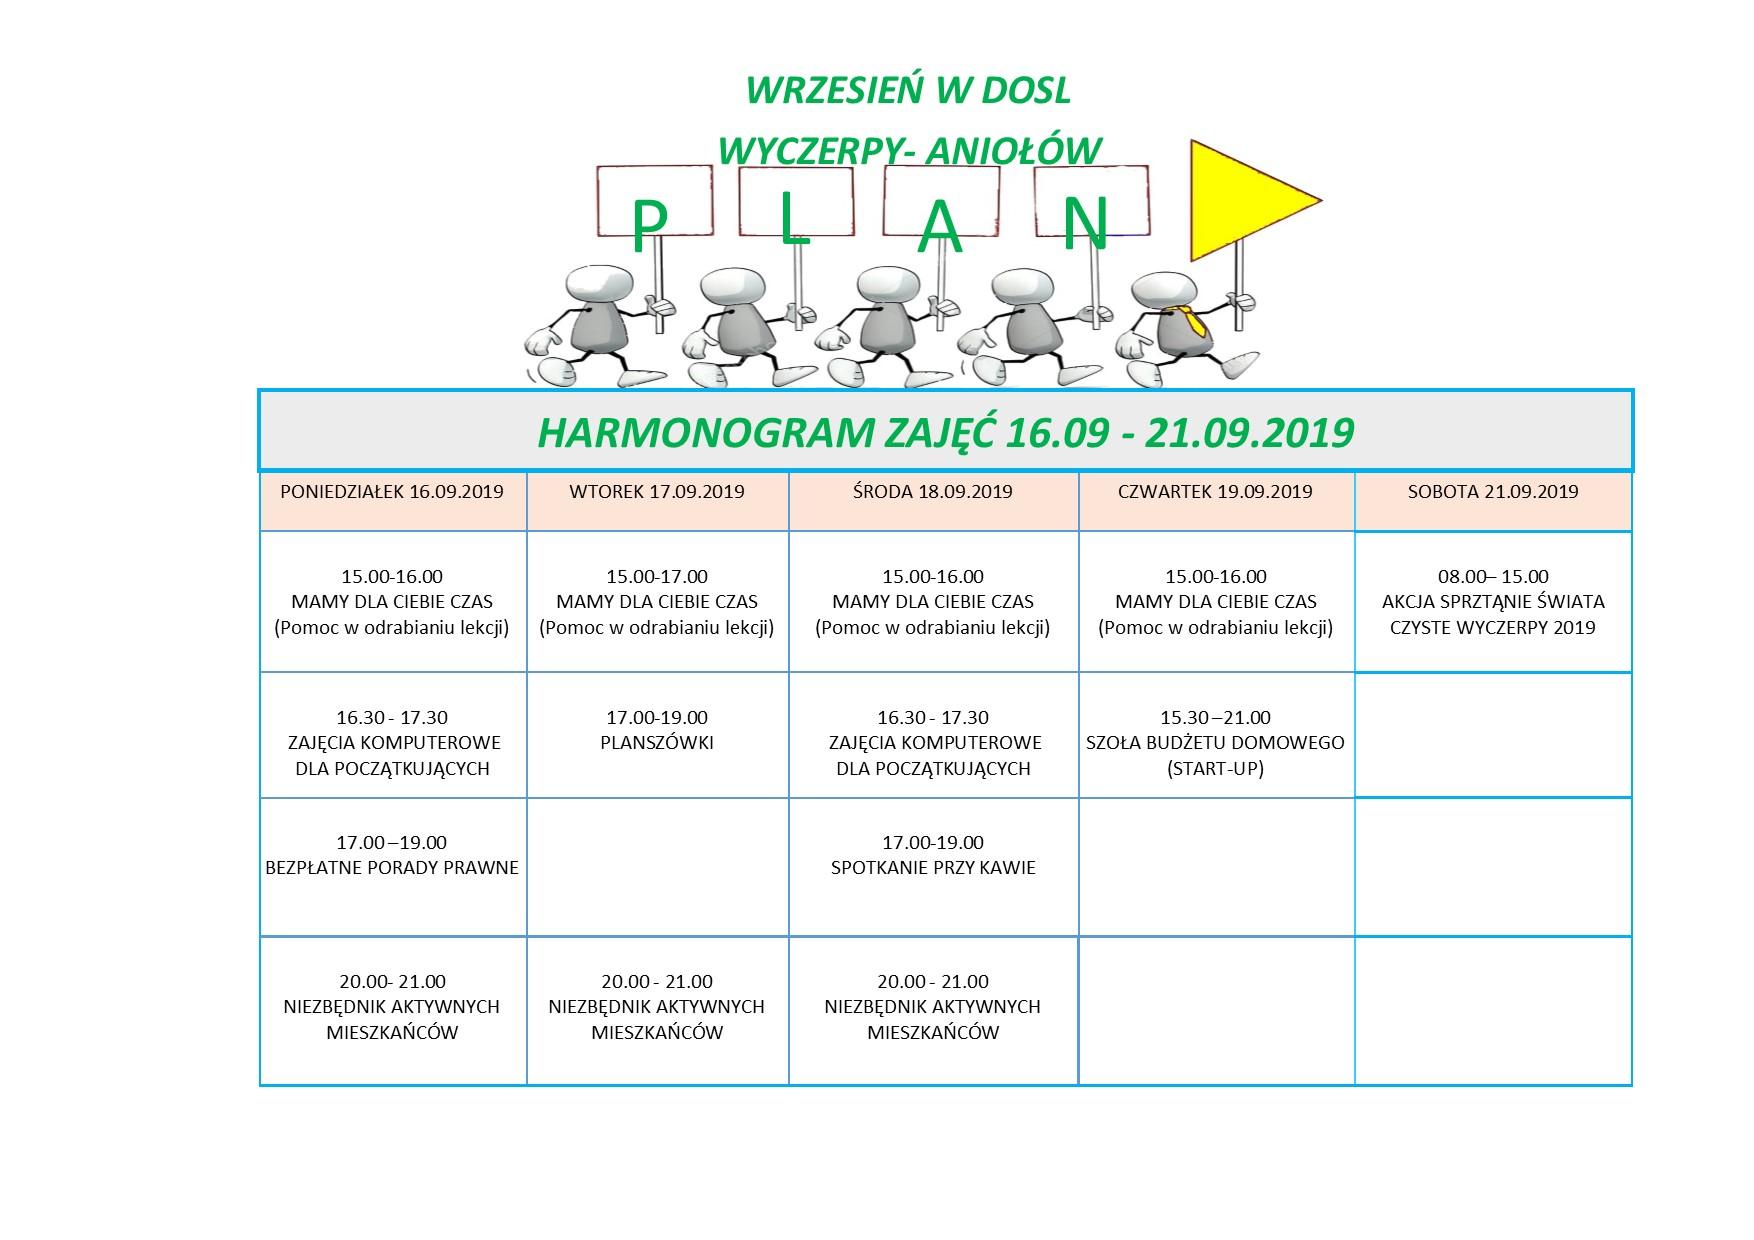 plan zajęć w dosl tydzień 38/2019